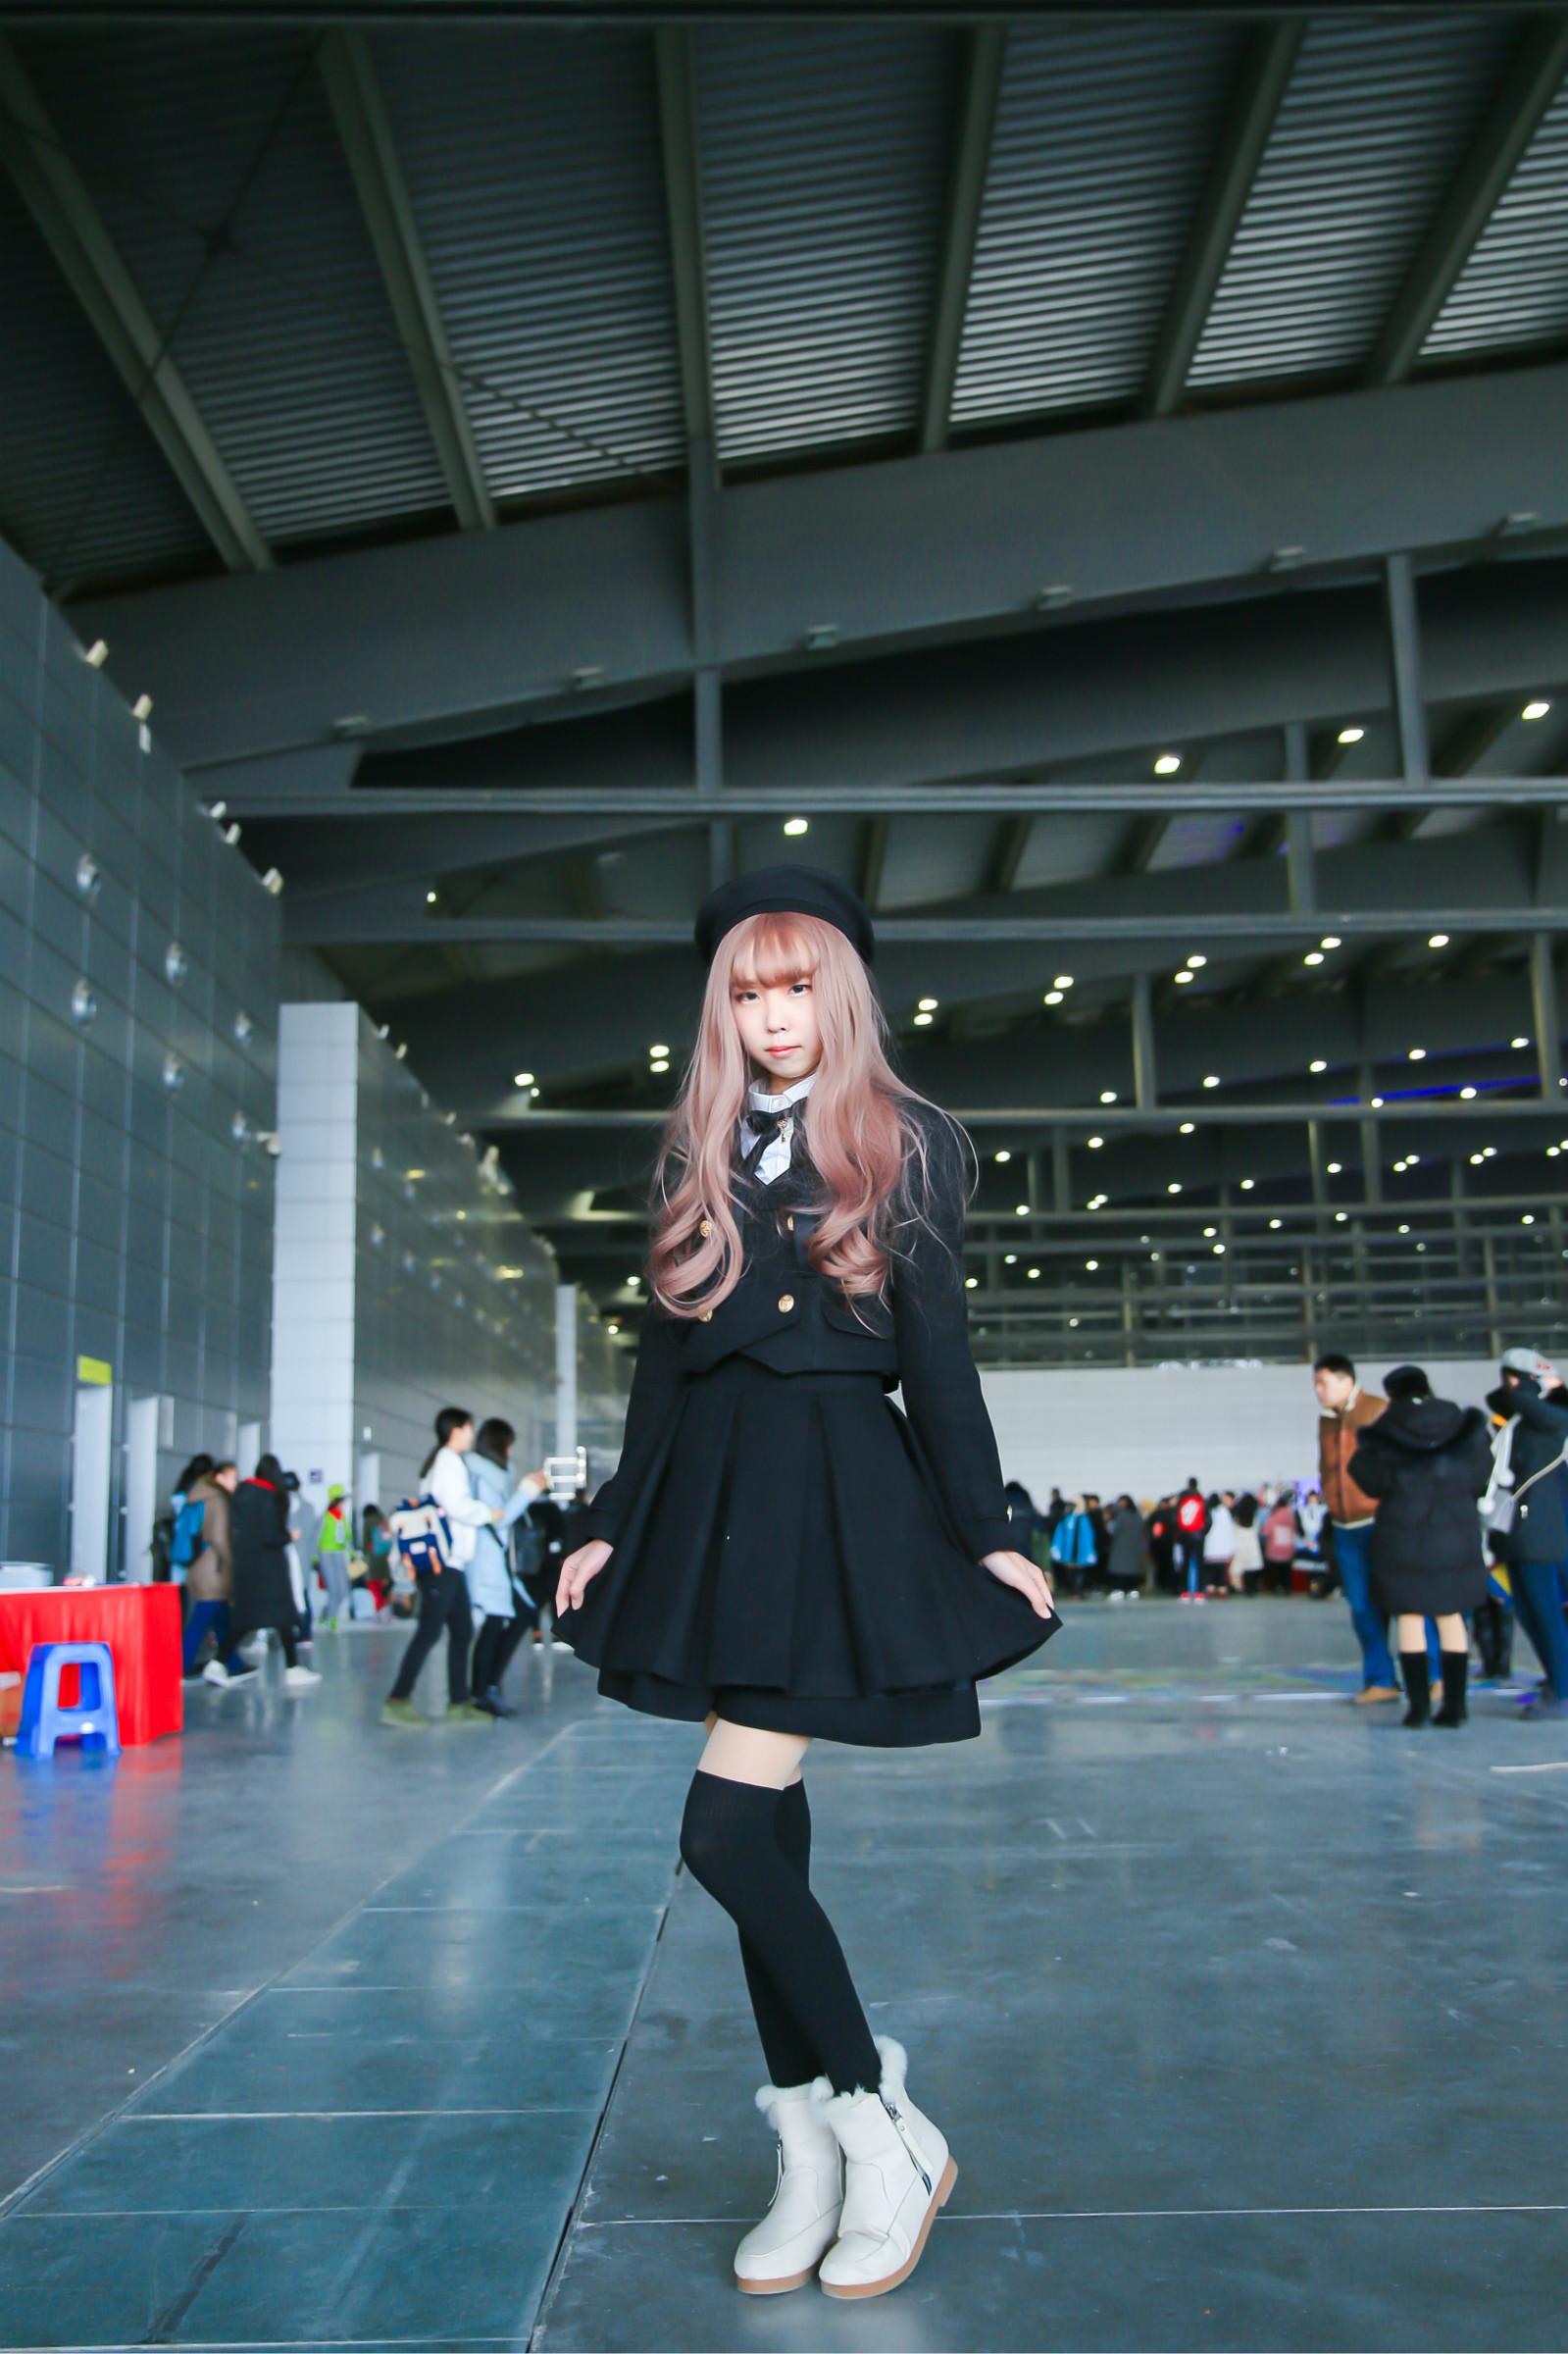 3Z9A5870 无锡无限宅腐动漫嘉年华ZF13新年祭场照返图